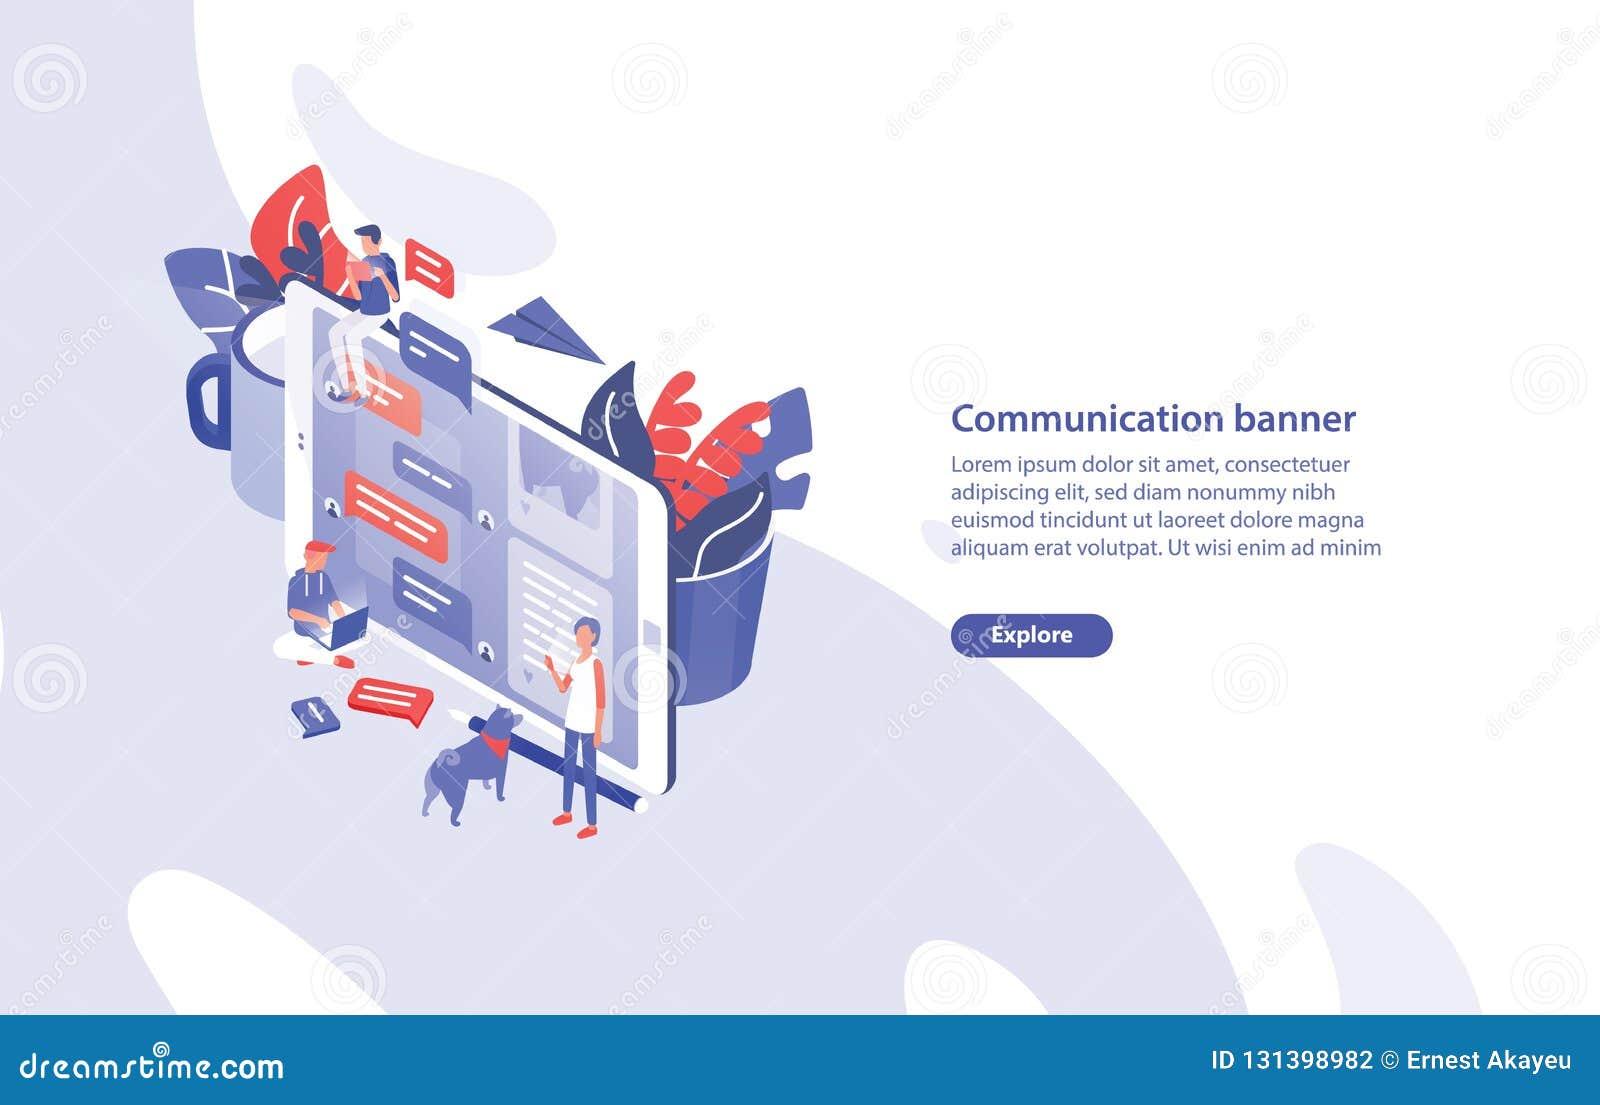 Het malplaatje van de Webbanner met reuzesmartphone, uiterst kleine mensen rond het en plaats voor tekst Mededeling, chatberichte